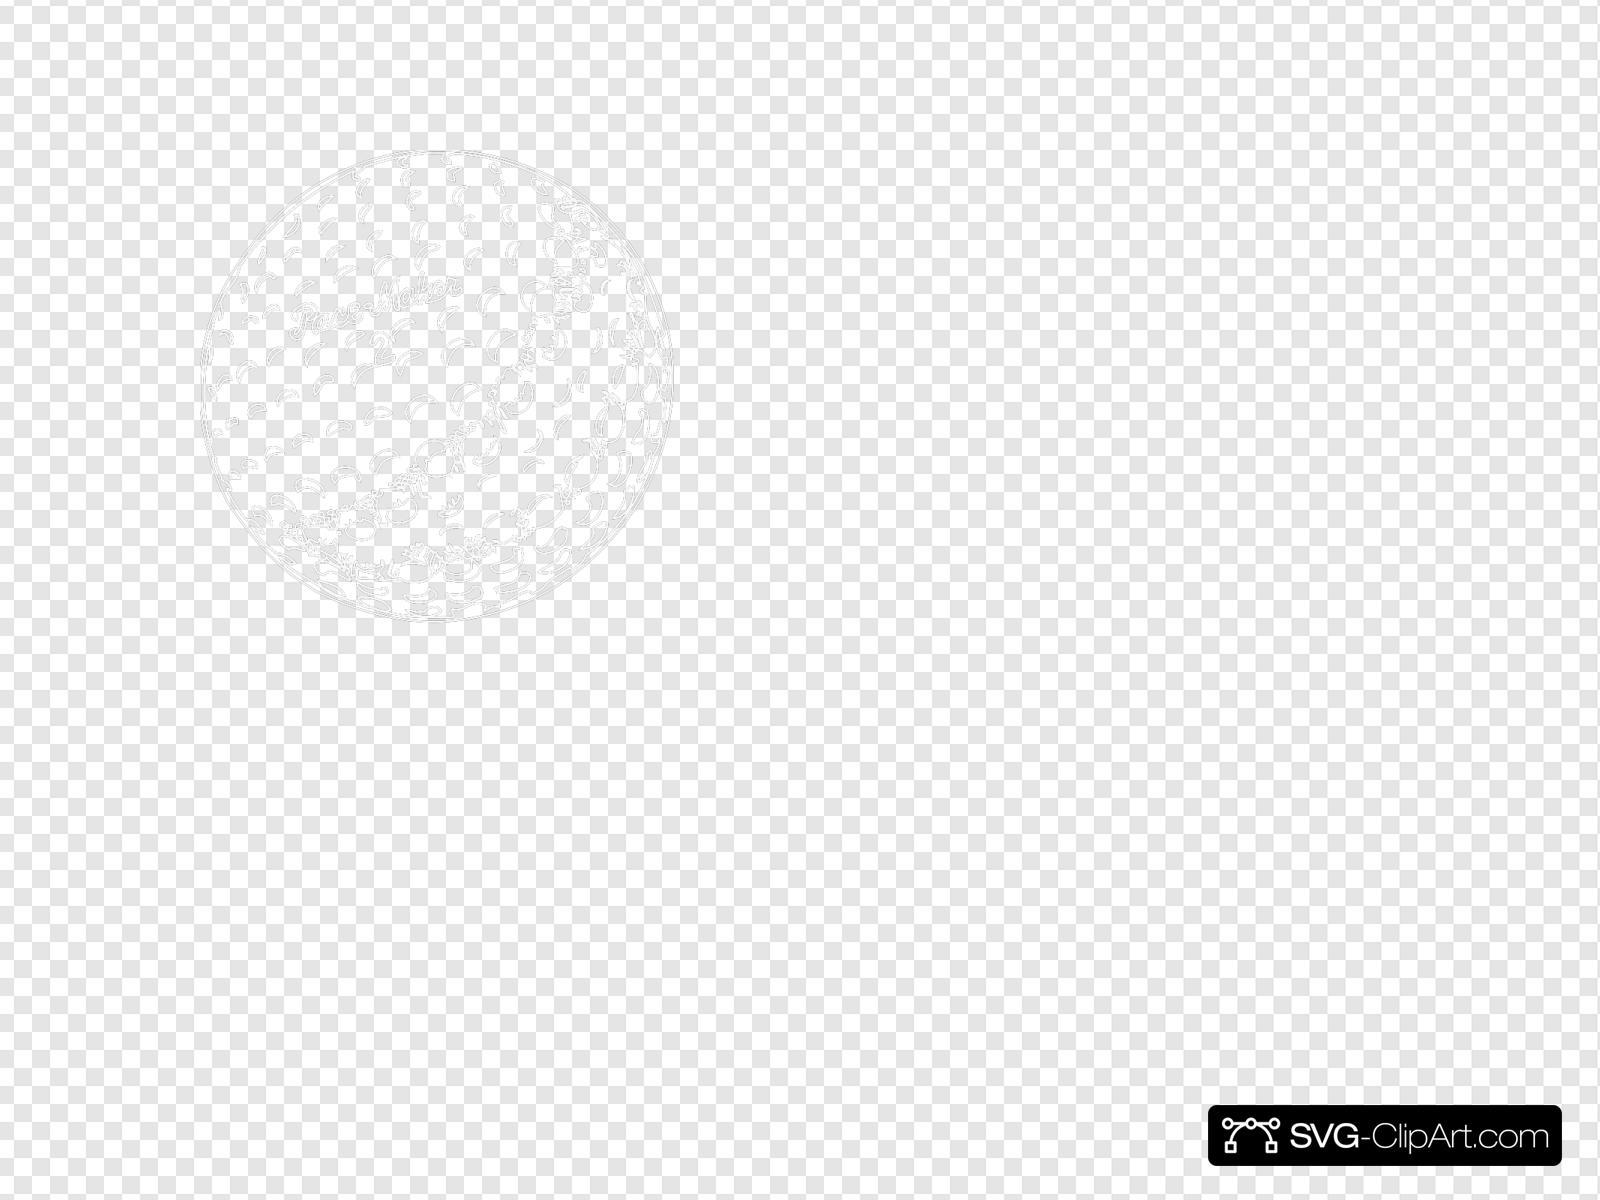 White Outline Golf Ball Svg Vector White Outline Golf Ball Clip Art Svg Clipart